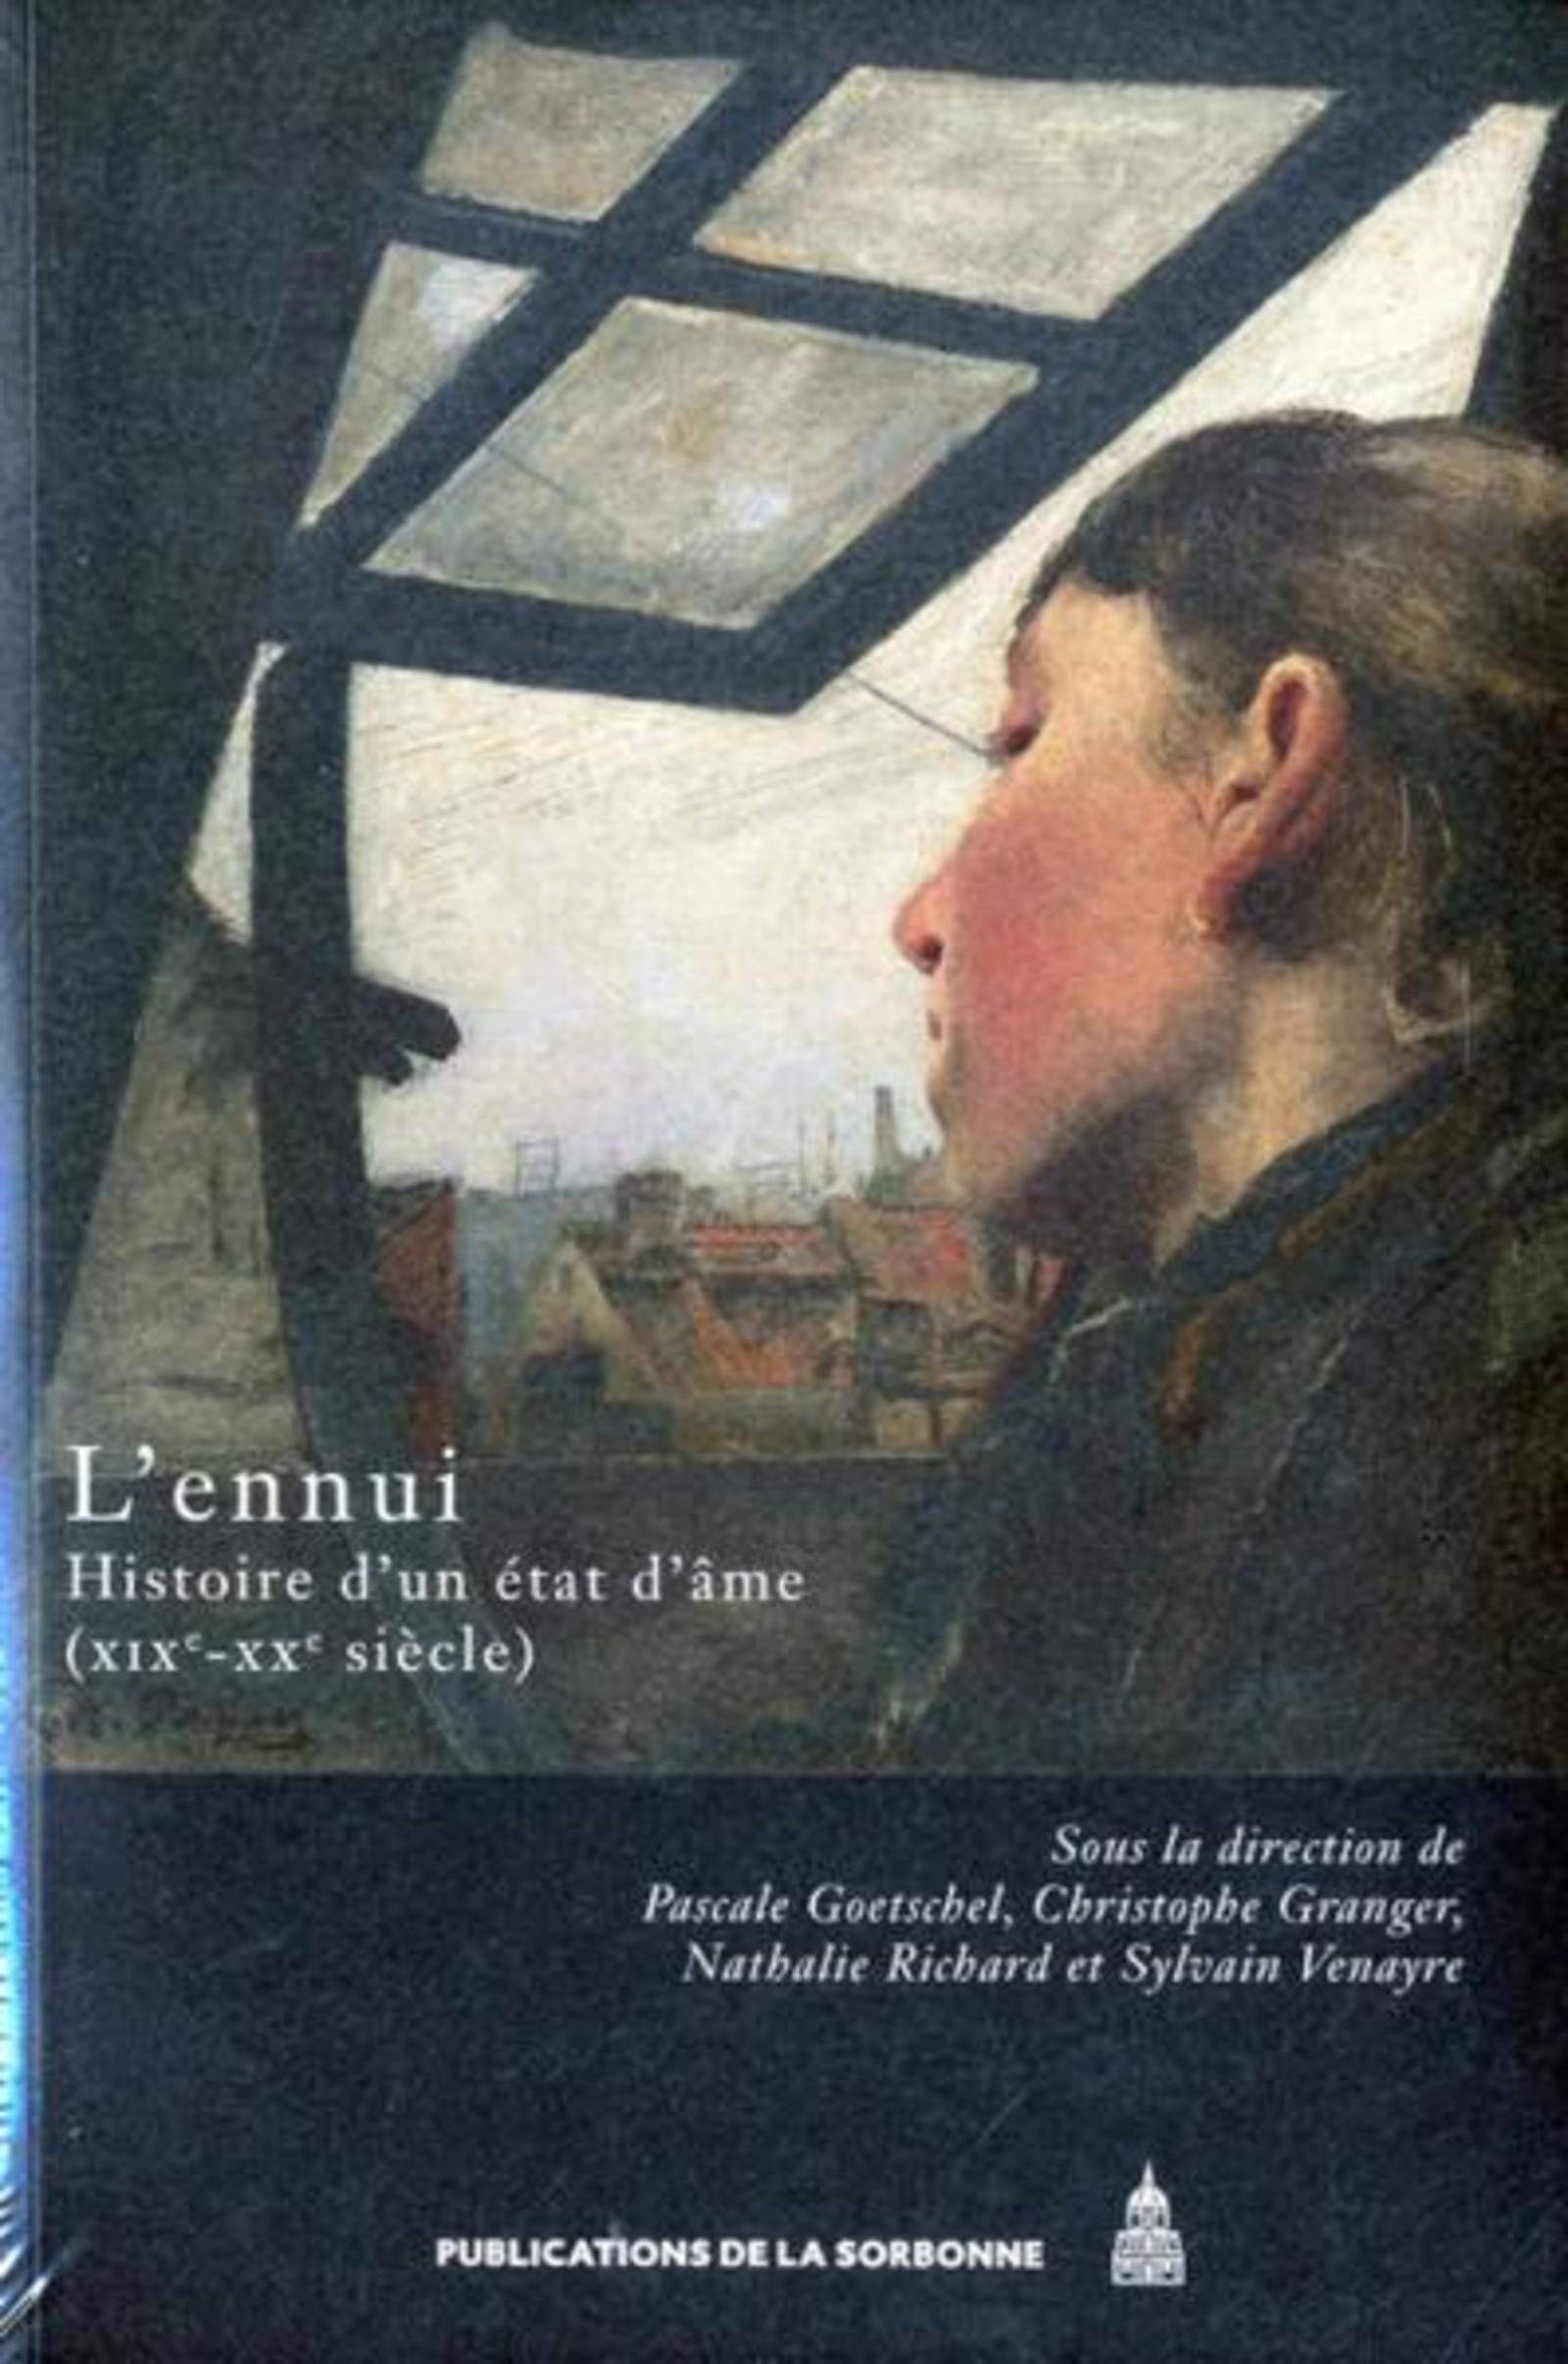 L'ENNUI HISTOIRE D'UN ETAT D'AME, XIXE-XXE SIECLE